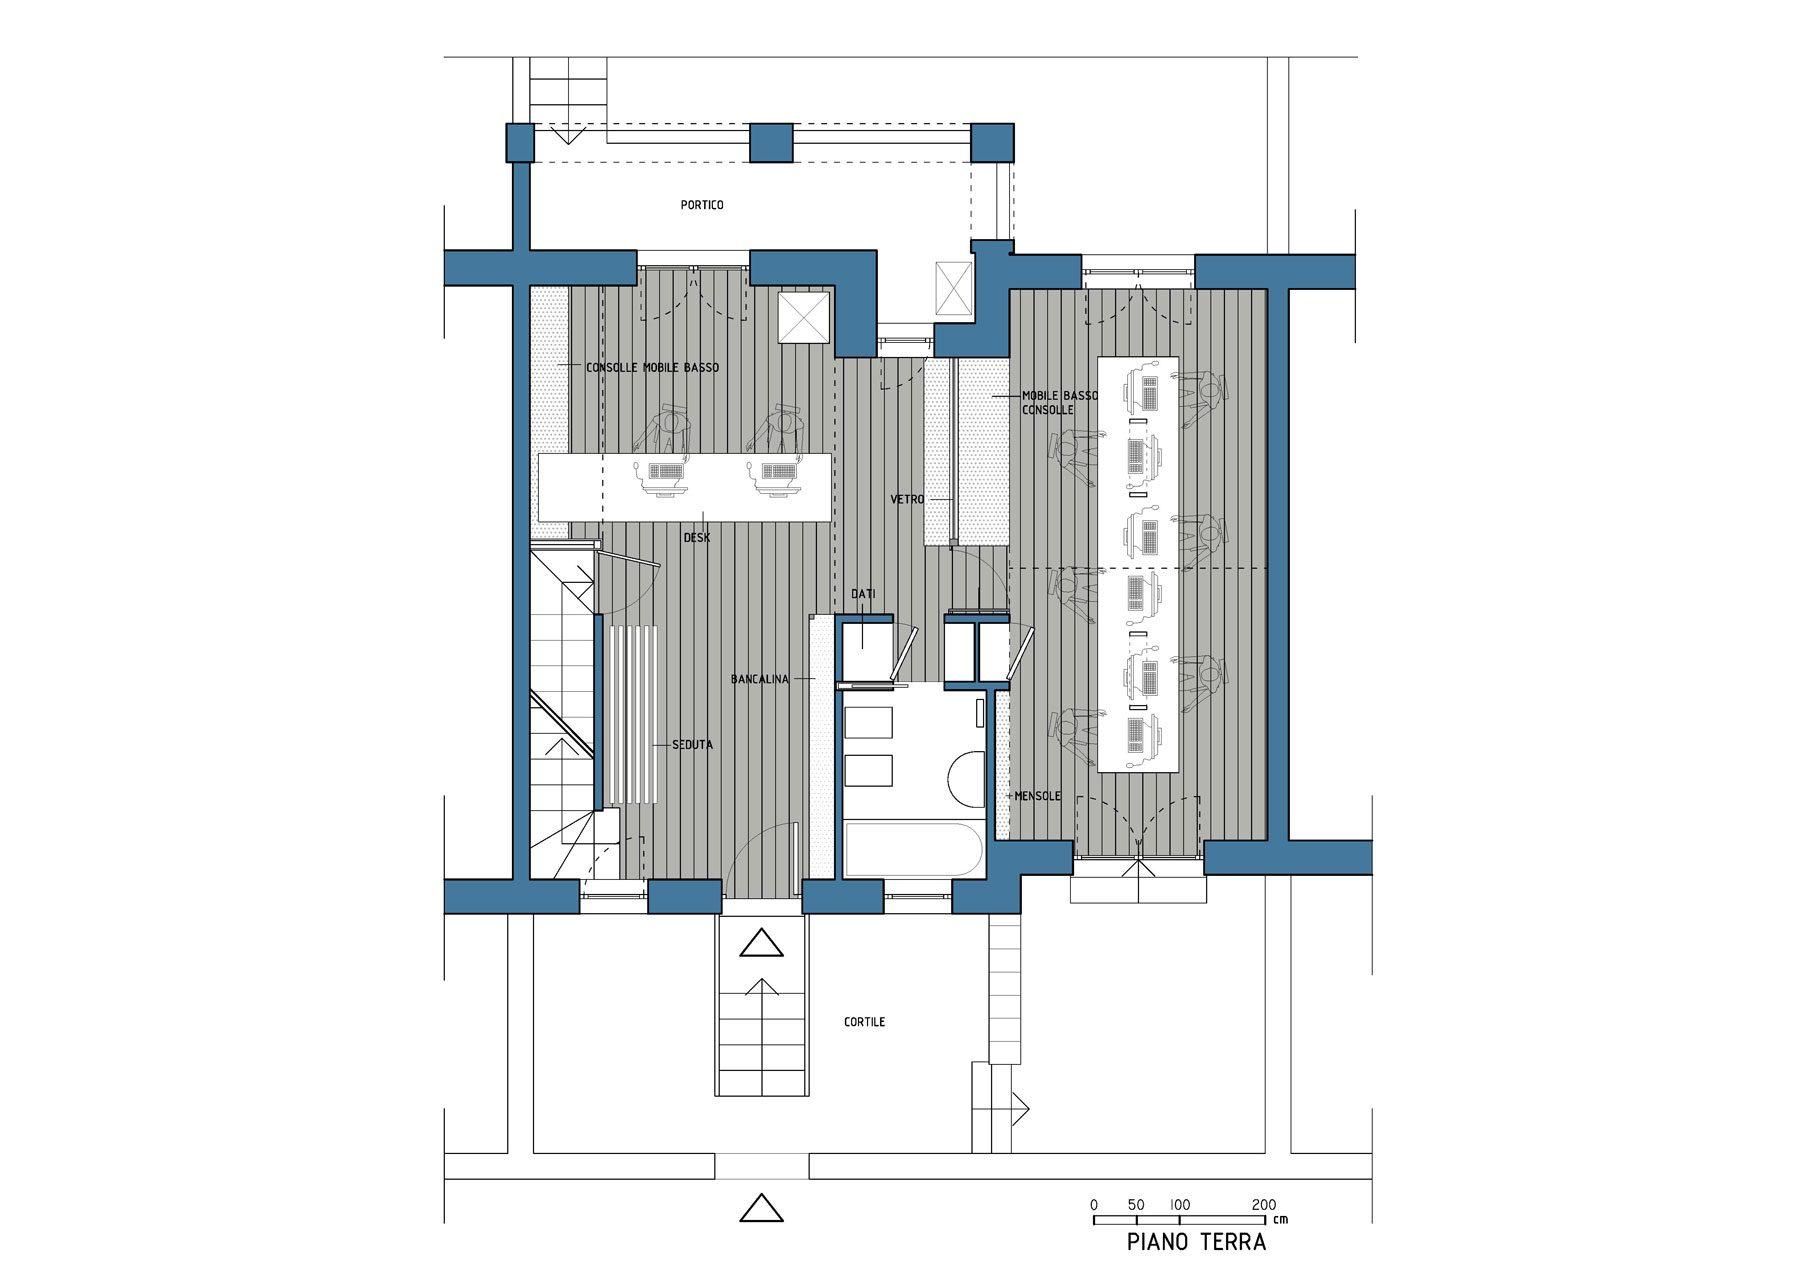 uffici_pardgroup_architetto_morgantini_pianta